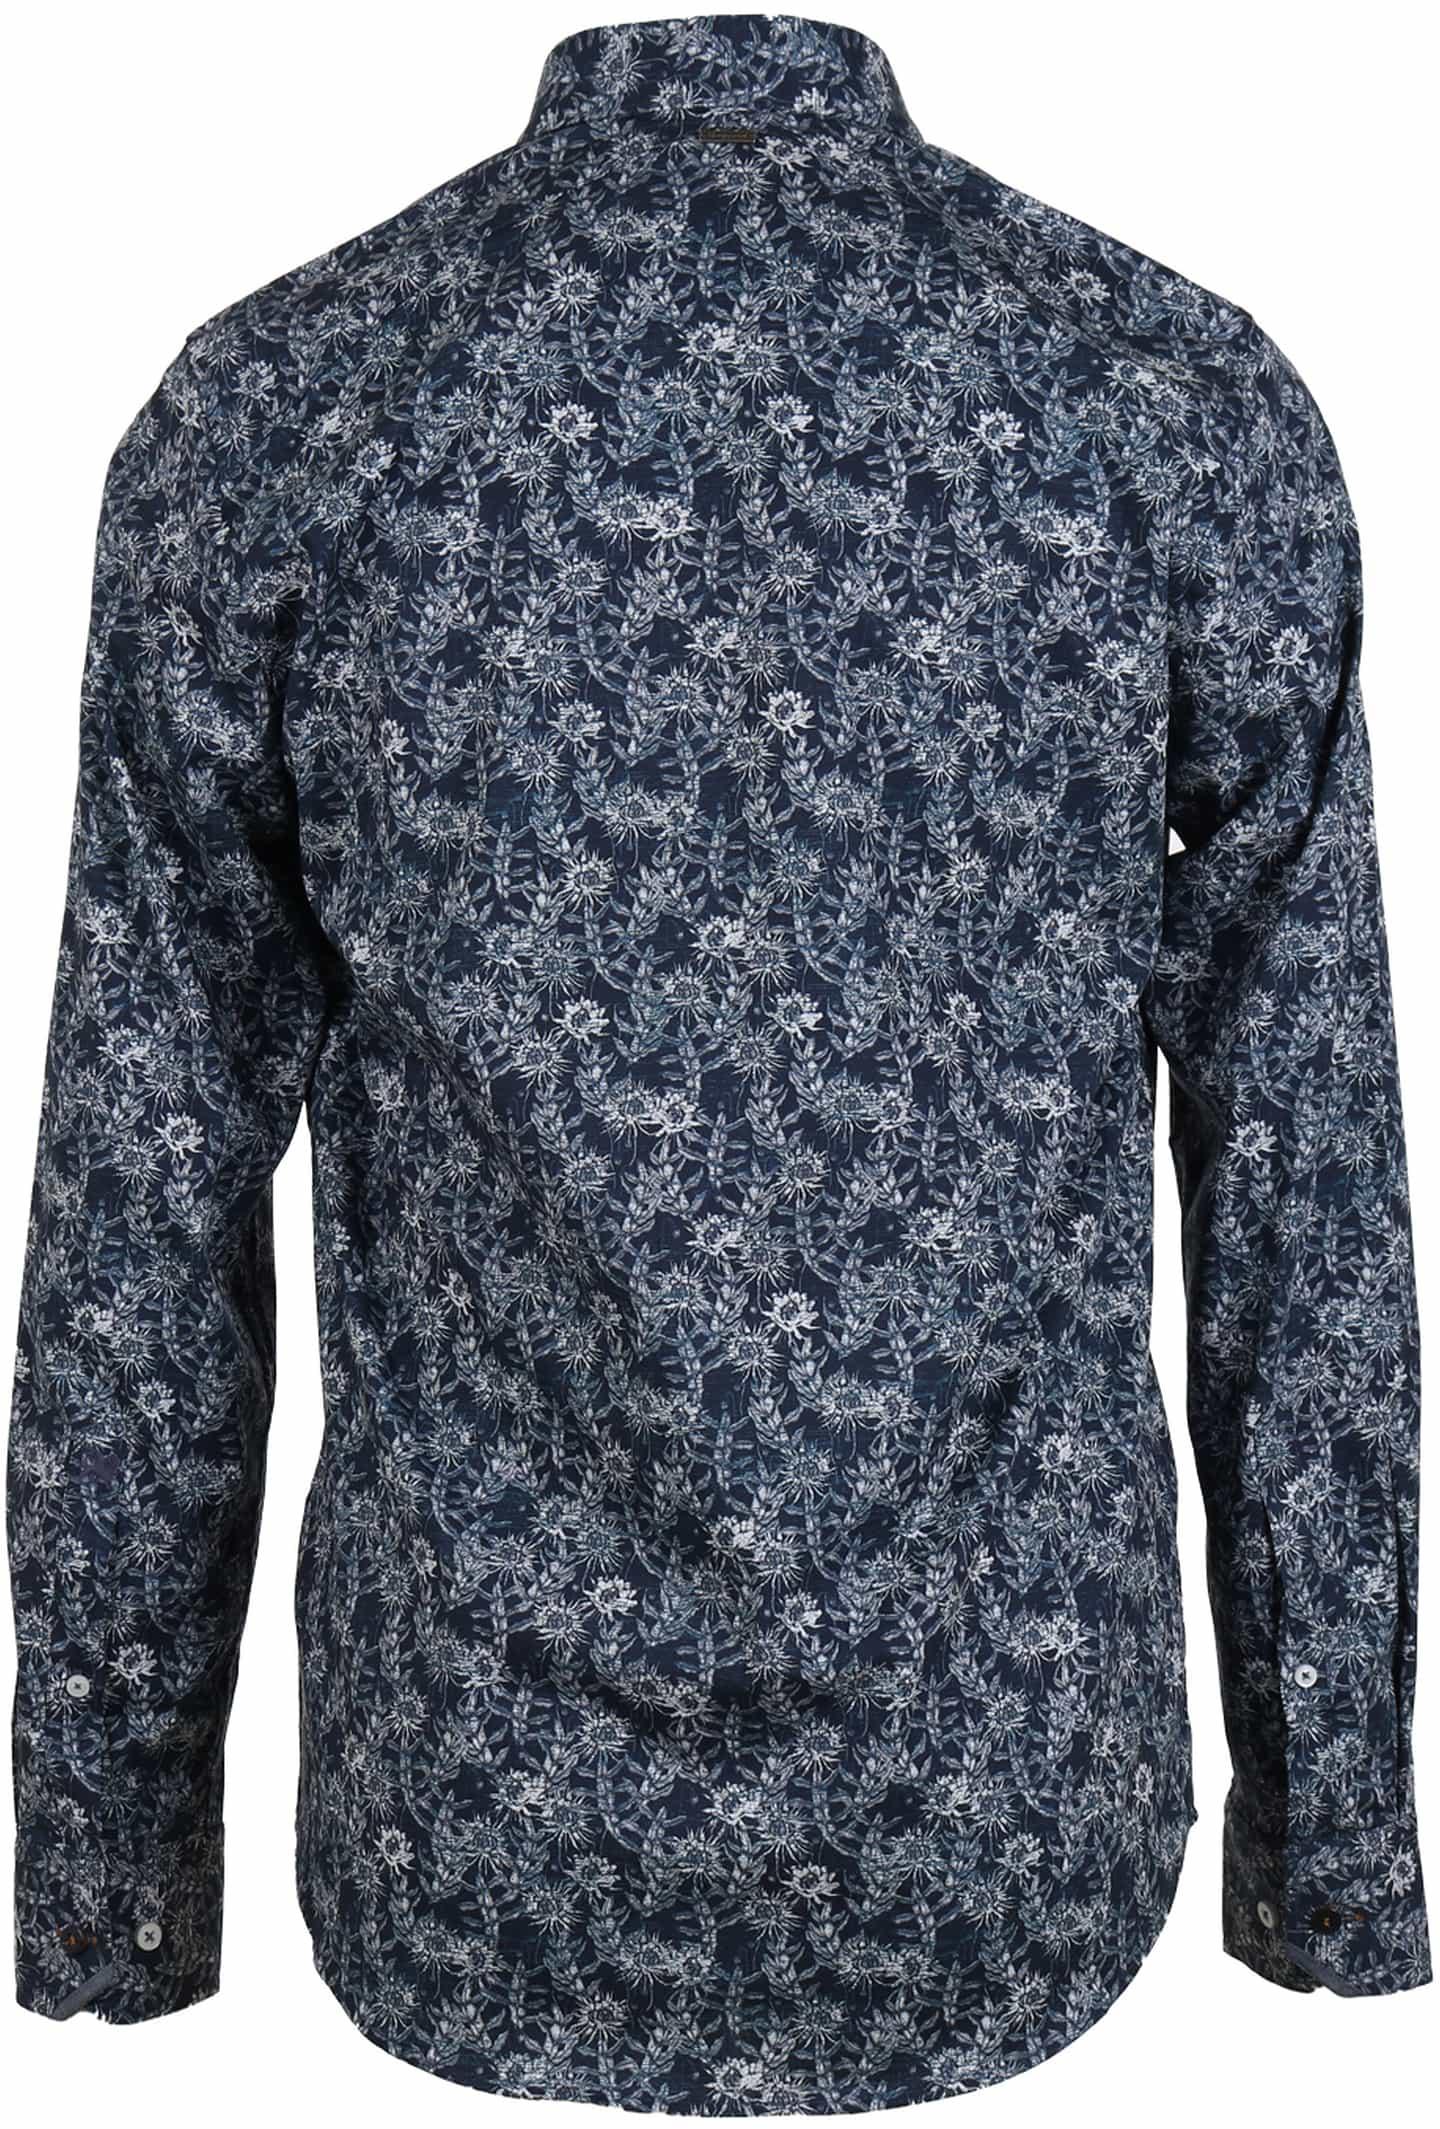 Vanguard Shirt Donkerblauw Bloemen foto 1